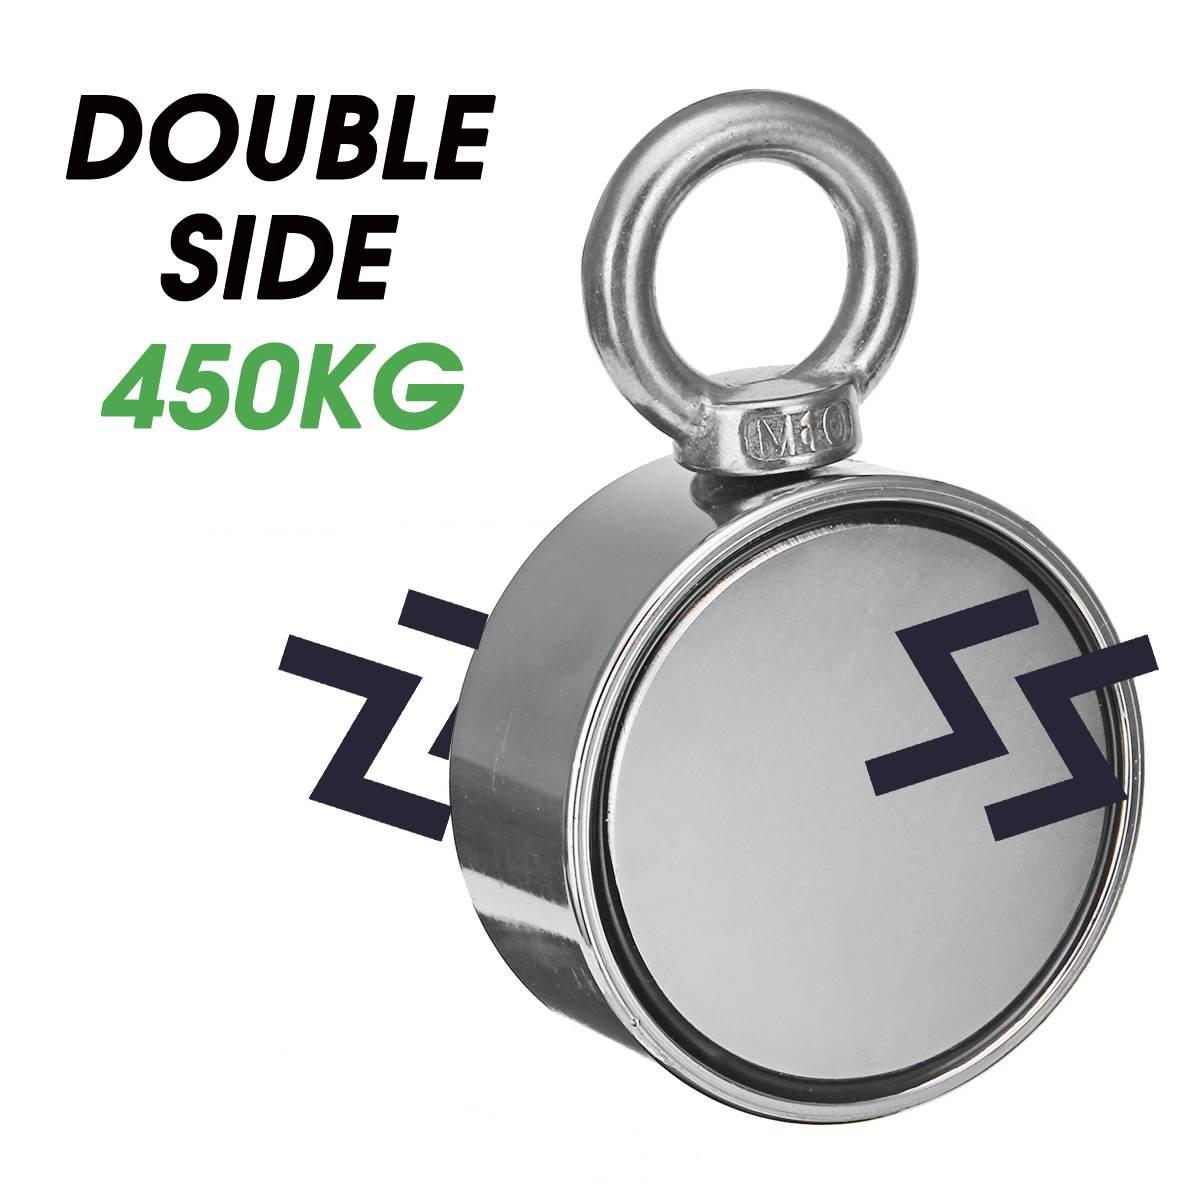 Aimant de récupération de récupération de pêche de néodyme du Double côté 420 kg D75mm pour détecter le trou magnétique puissant d'anneau de trésor en métal